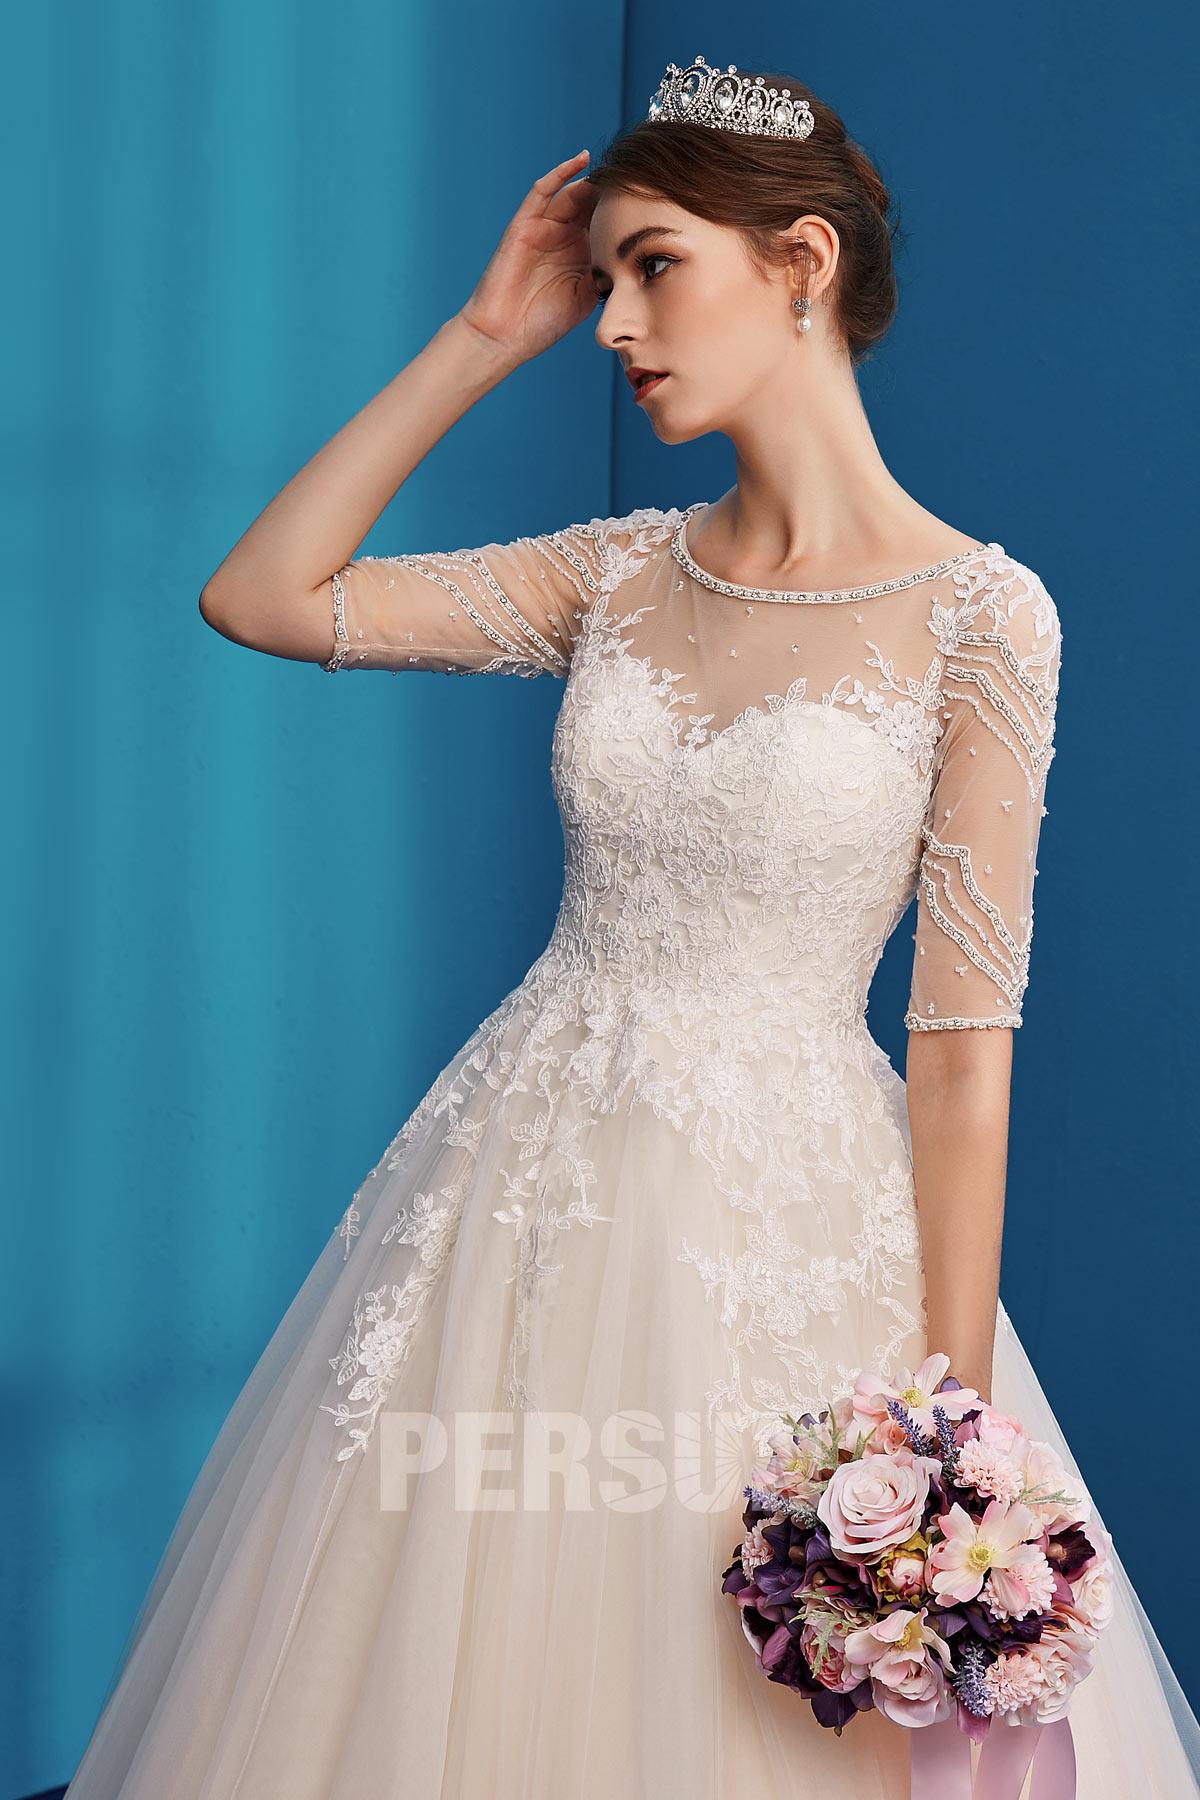 robe de mariée romantique col illusion en dentelle appliquée manche courte